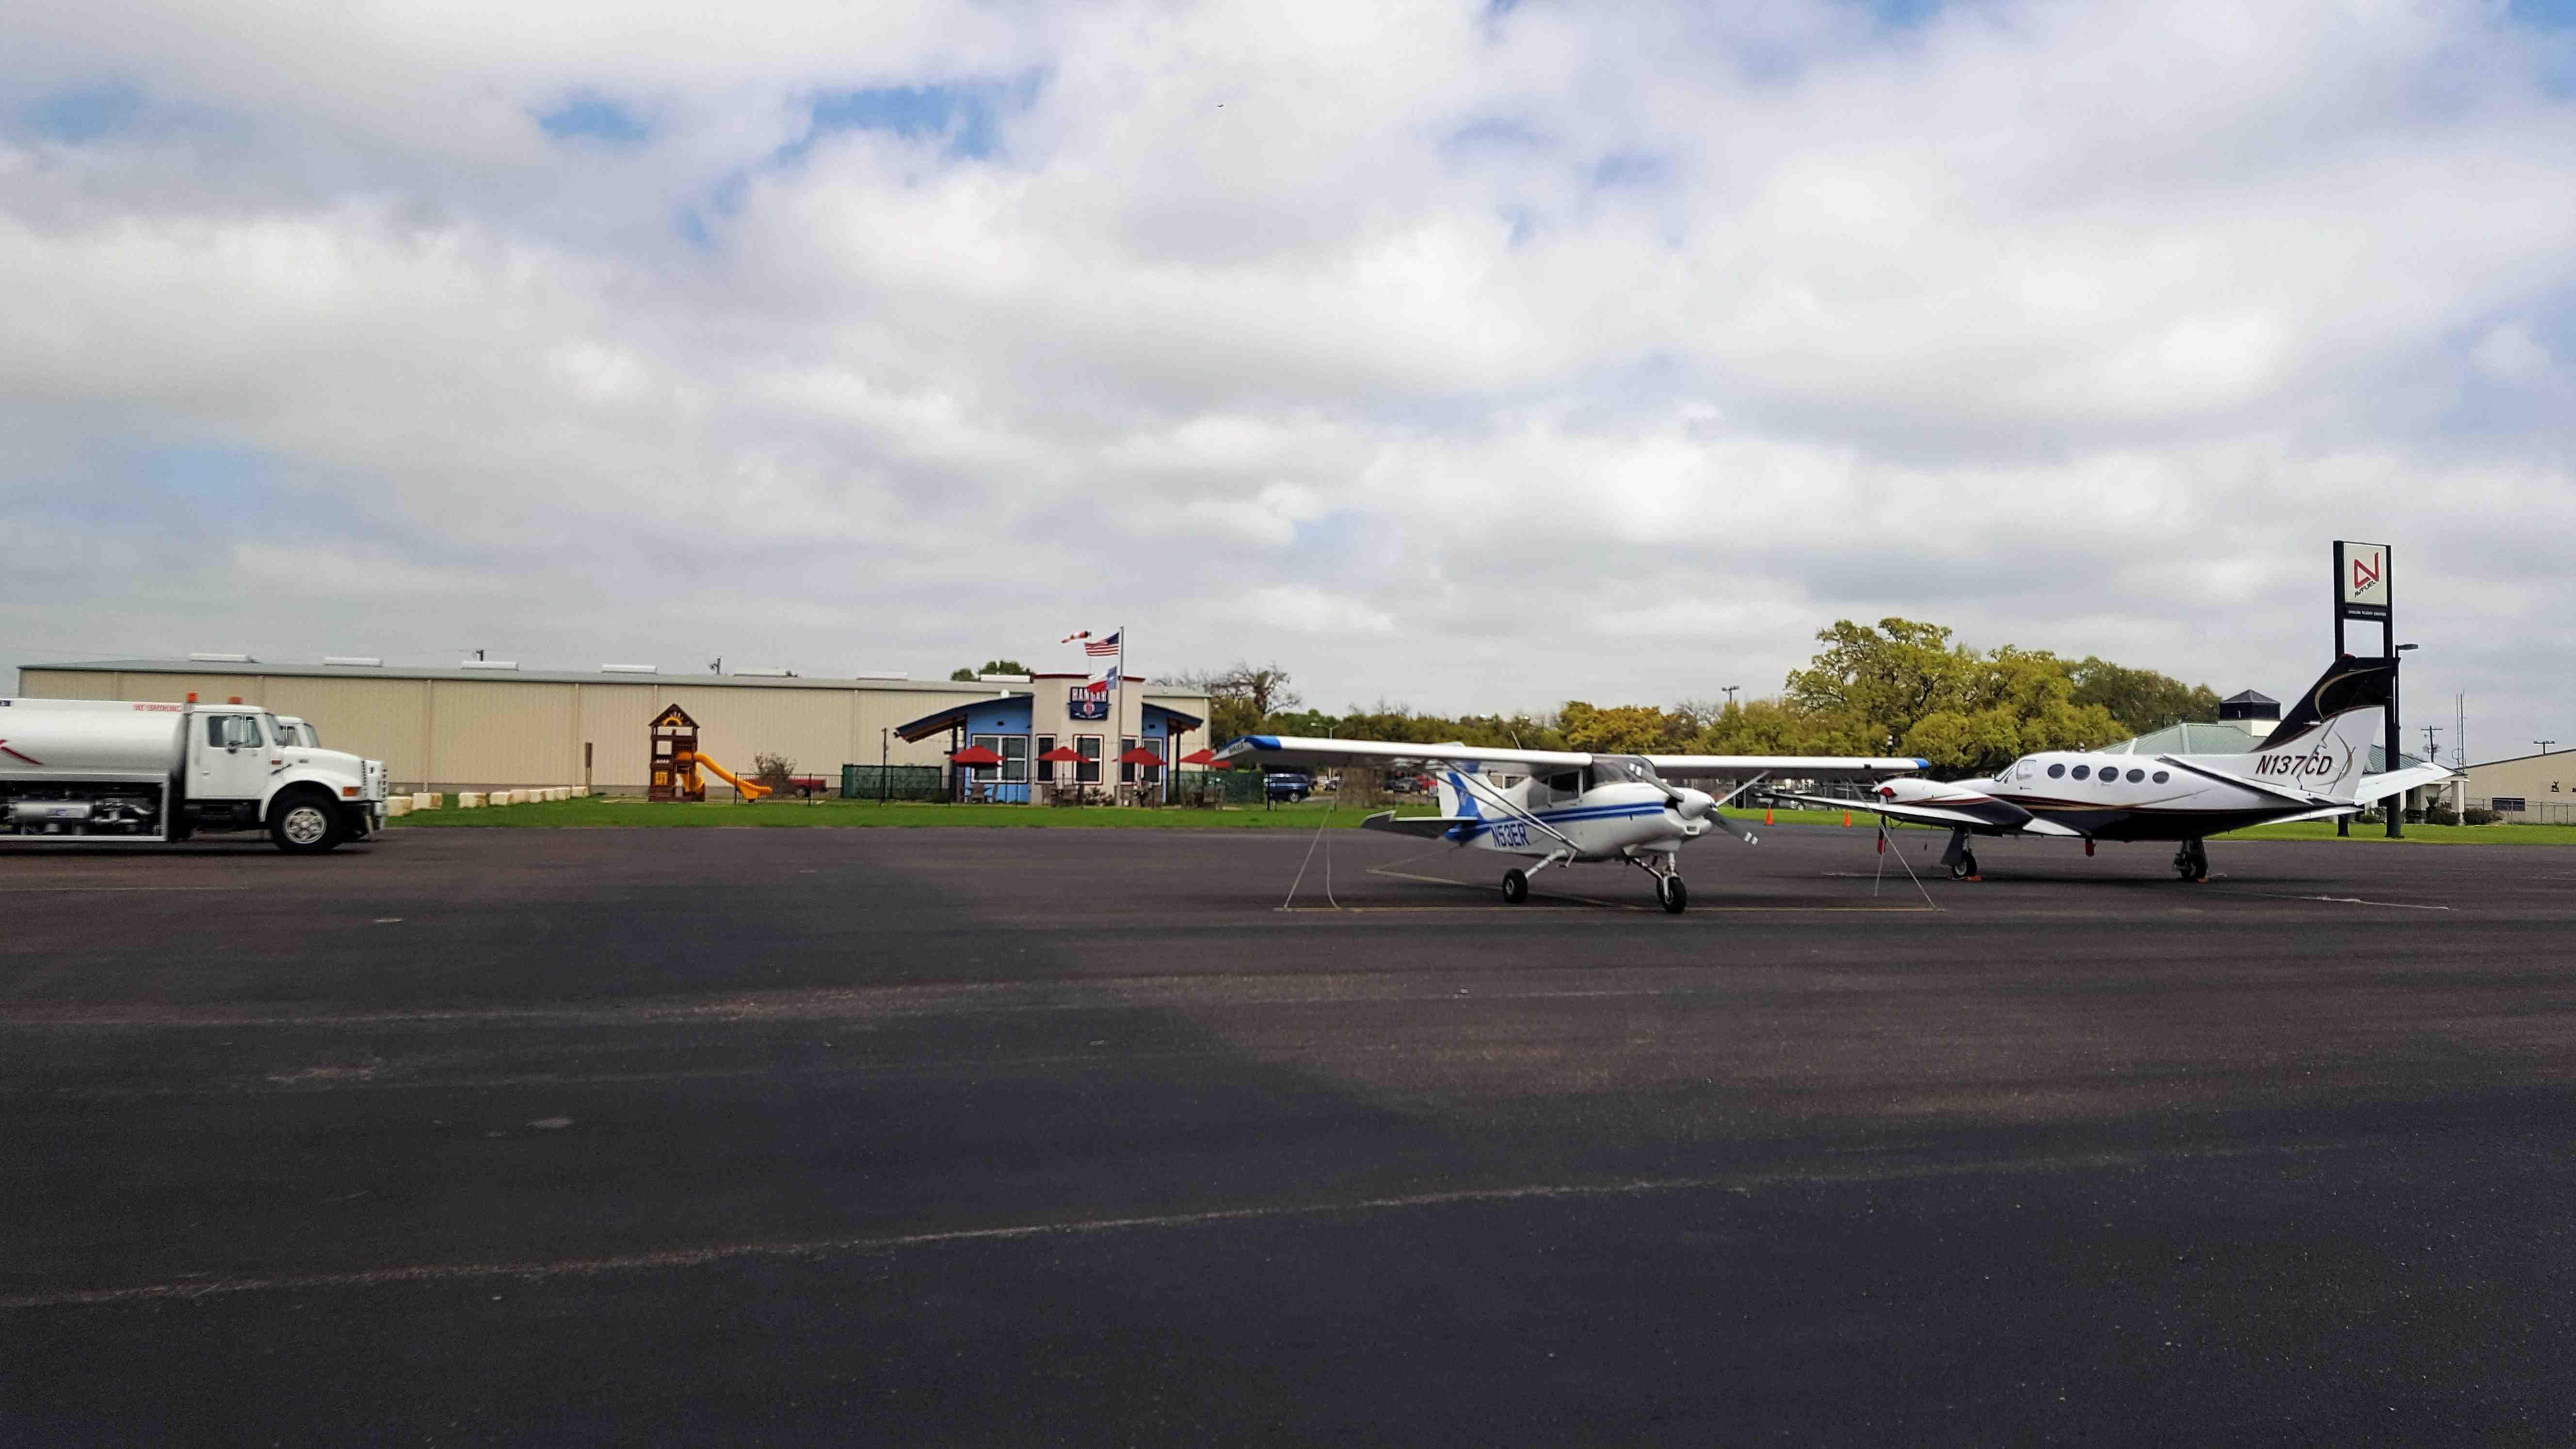 Hangar 6 Cafe